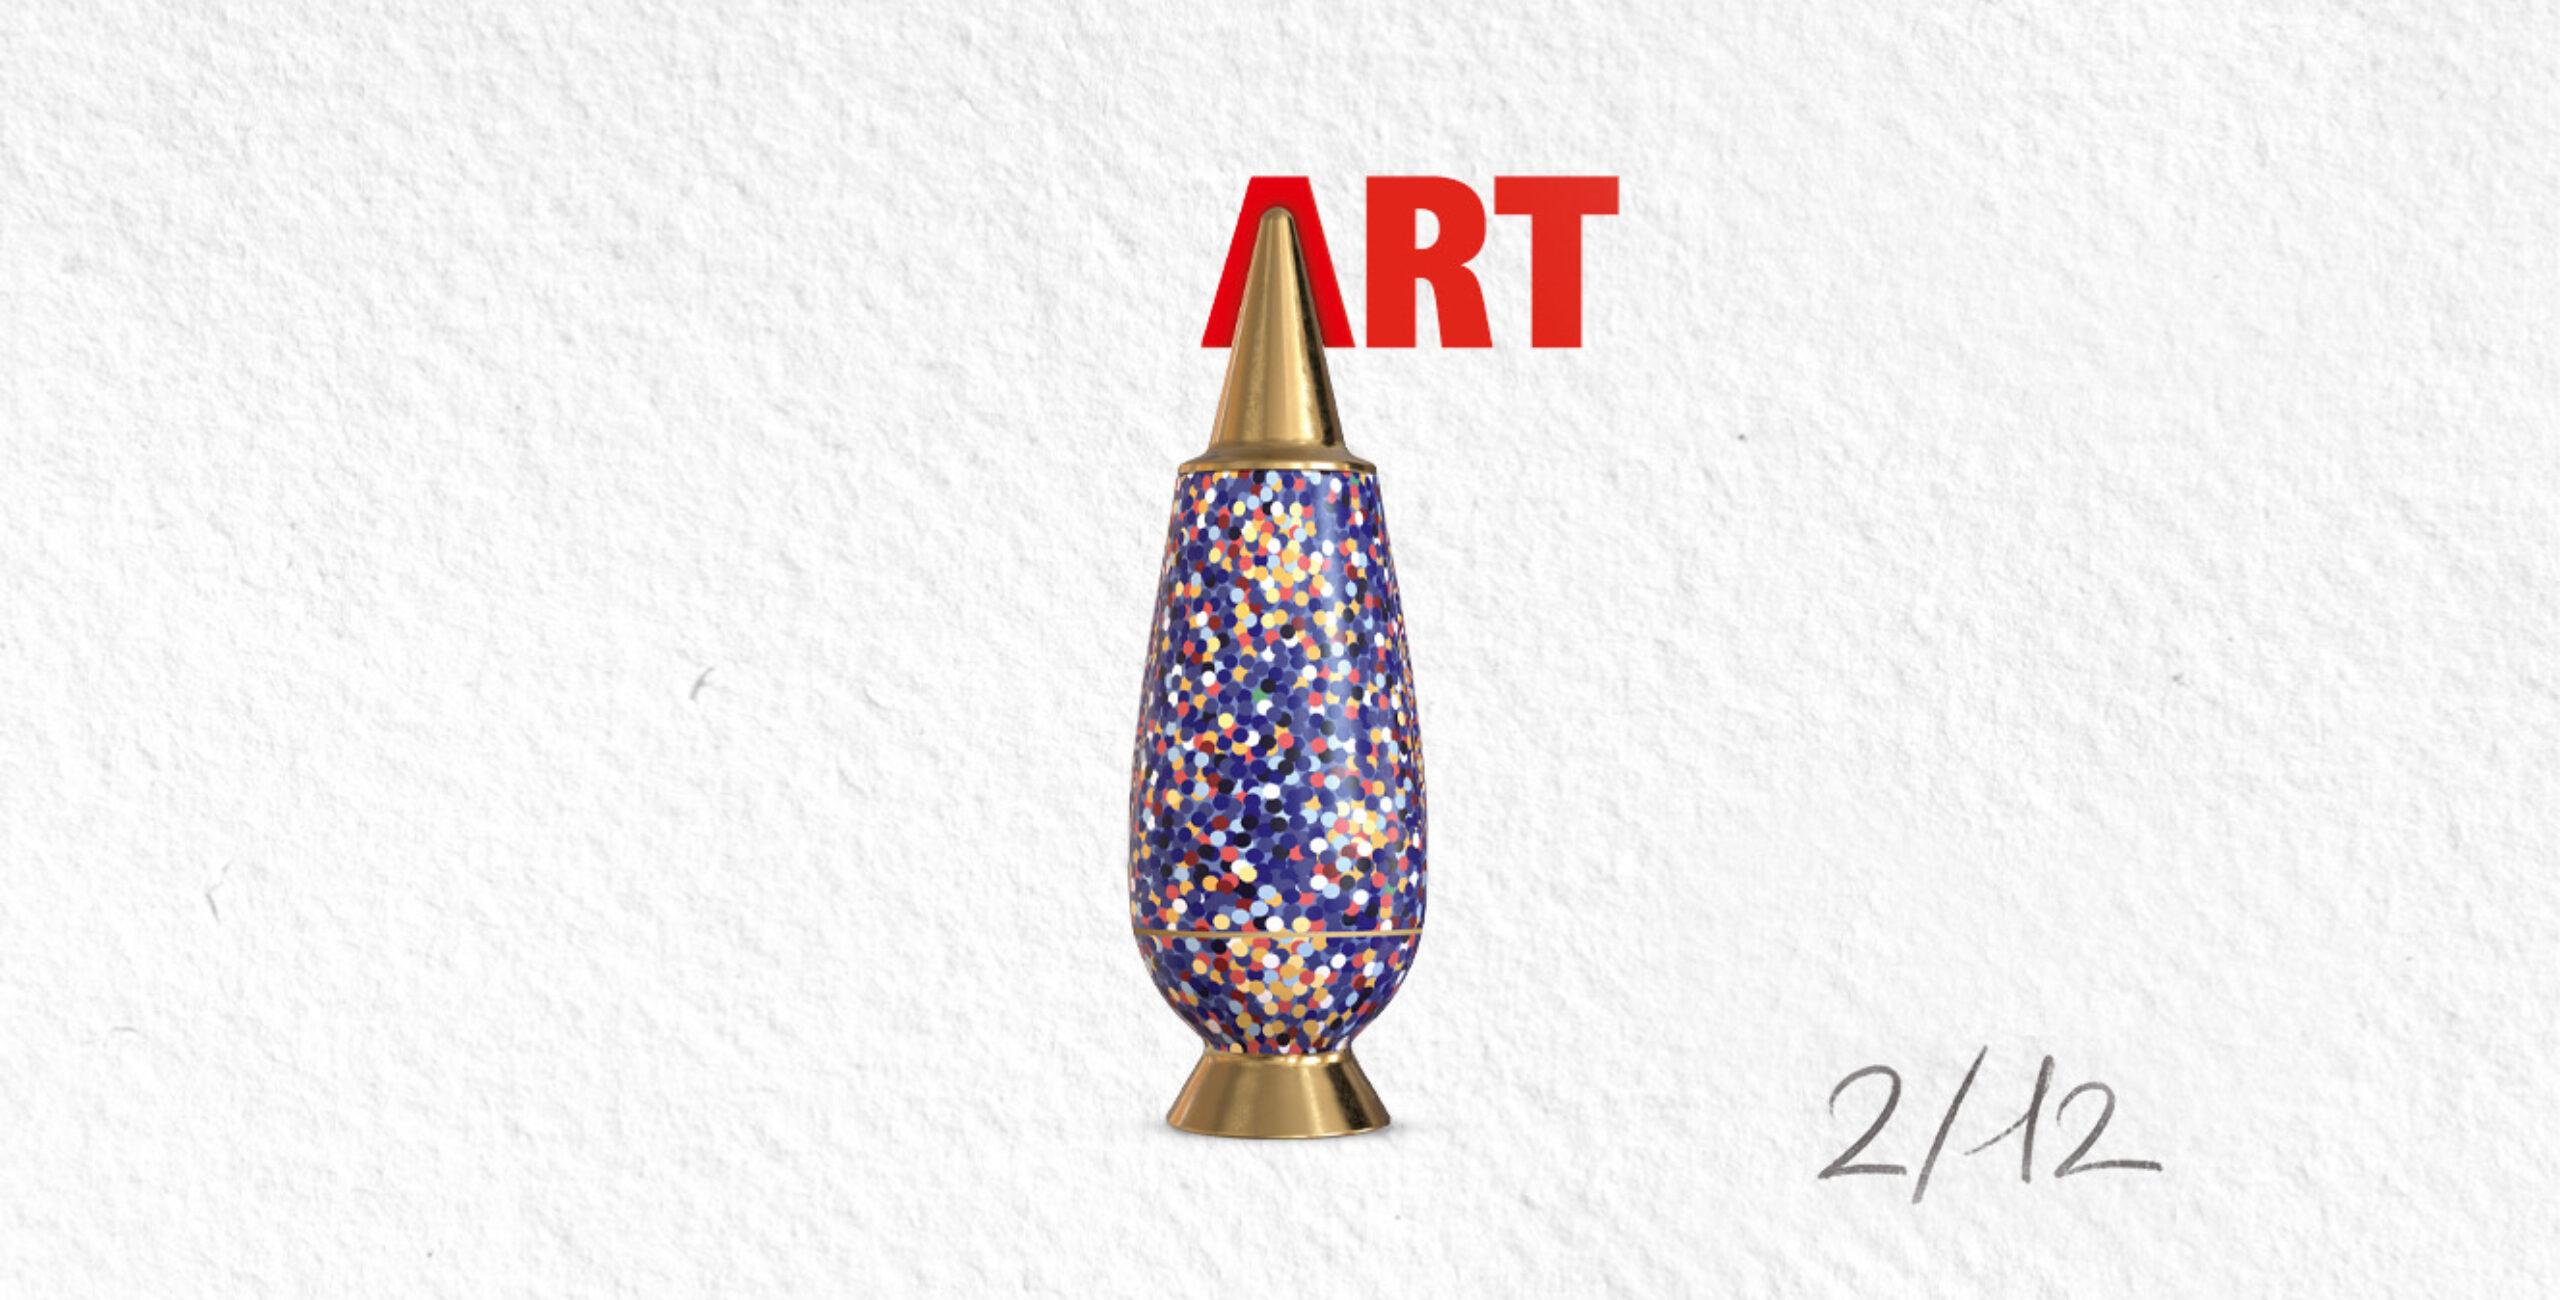 1328x970 Art v 2